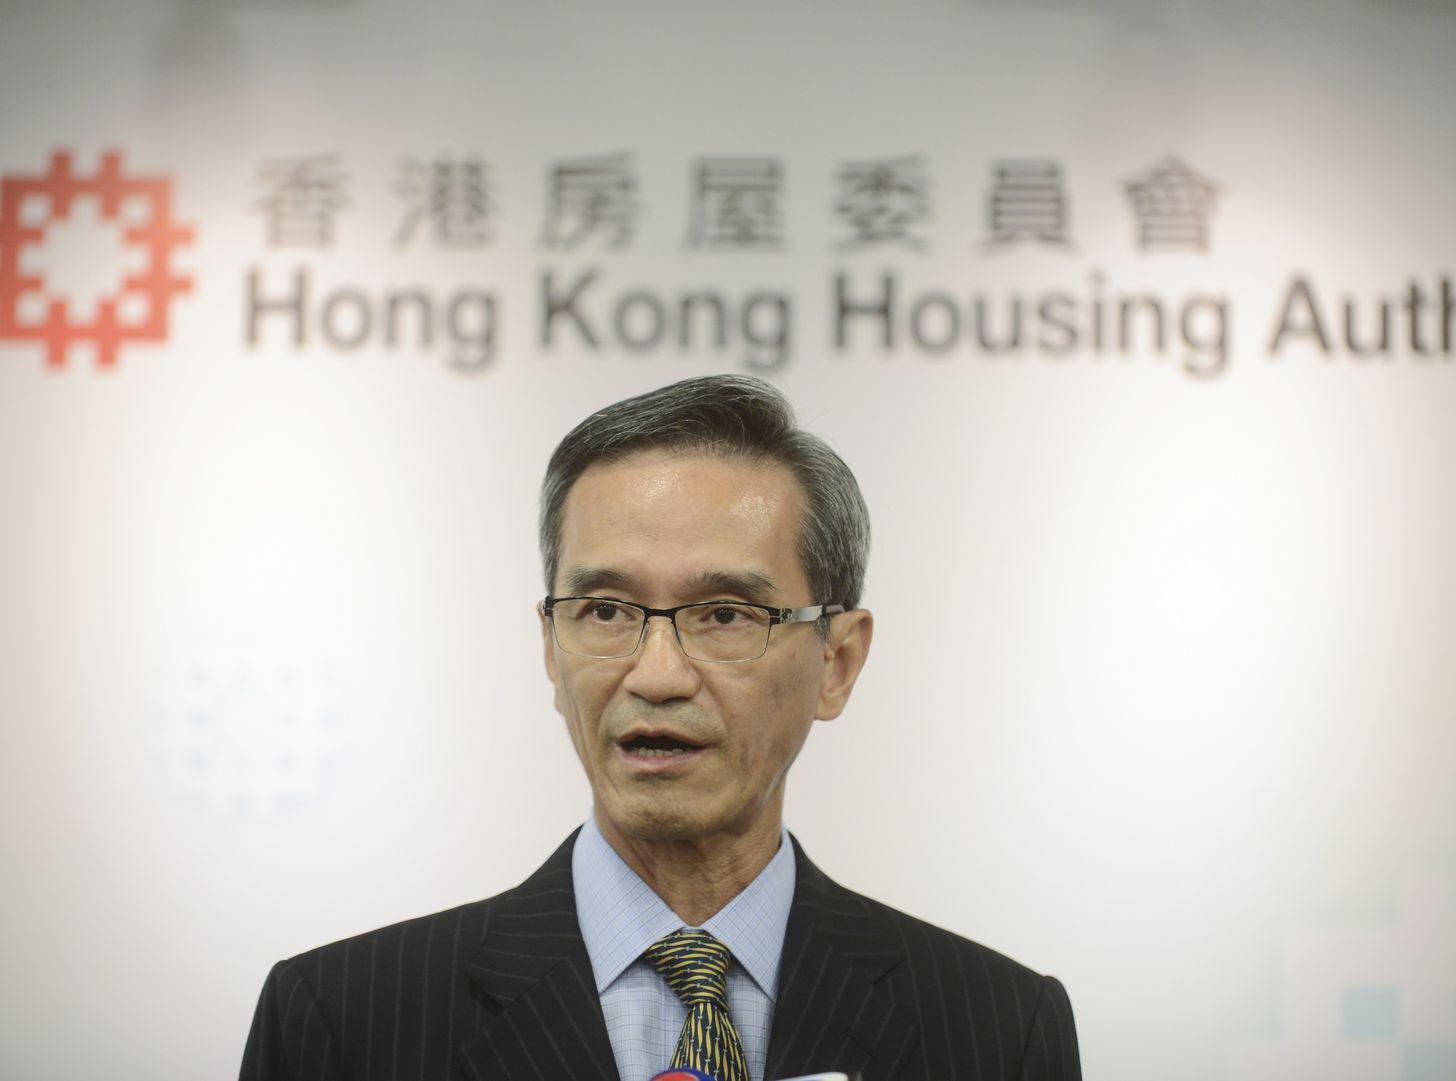 黄远辉:考虑成本效益下 不支持抽查轮候公屋申请者建议